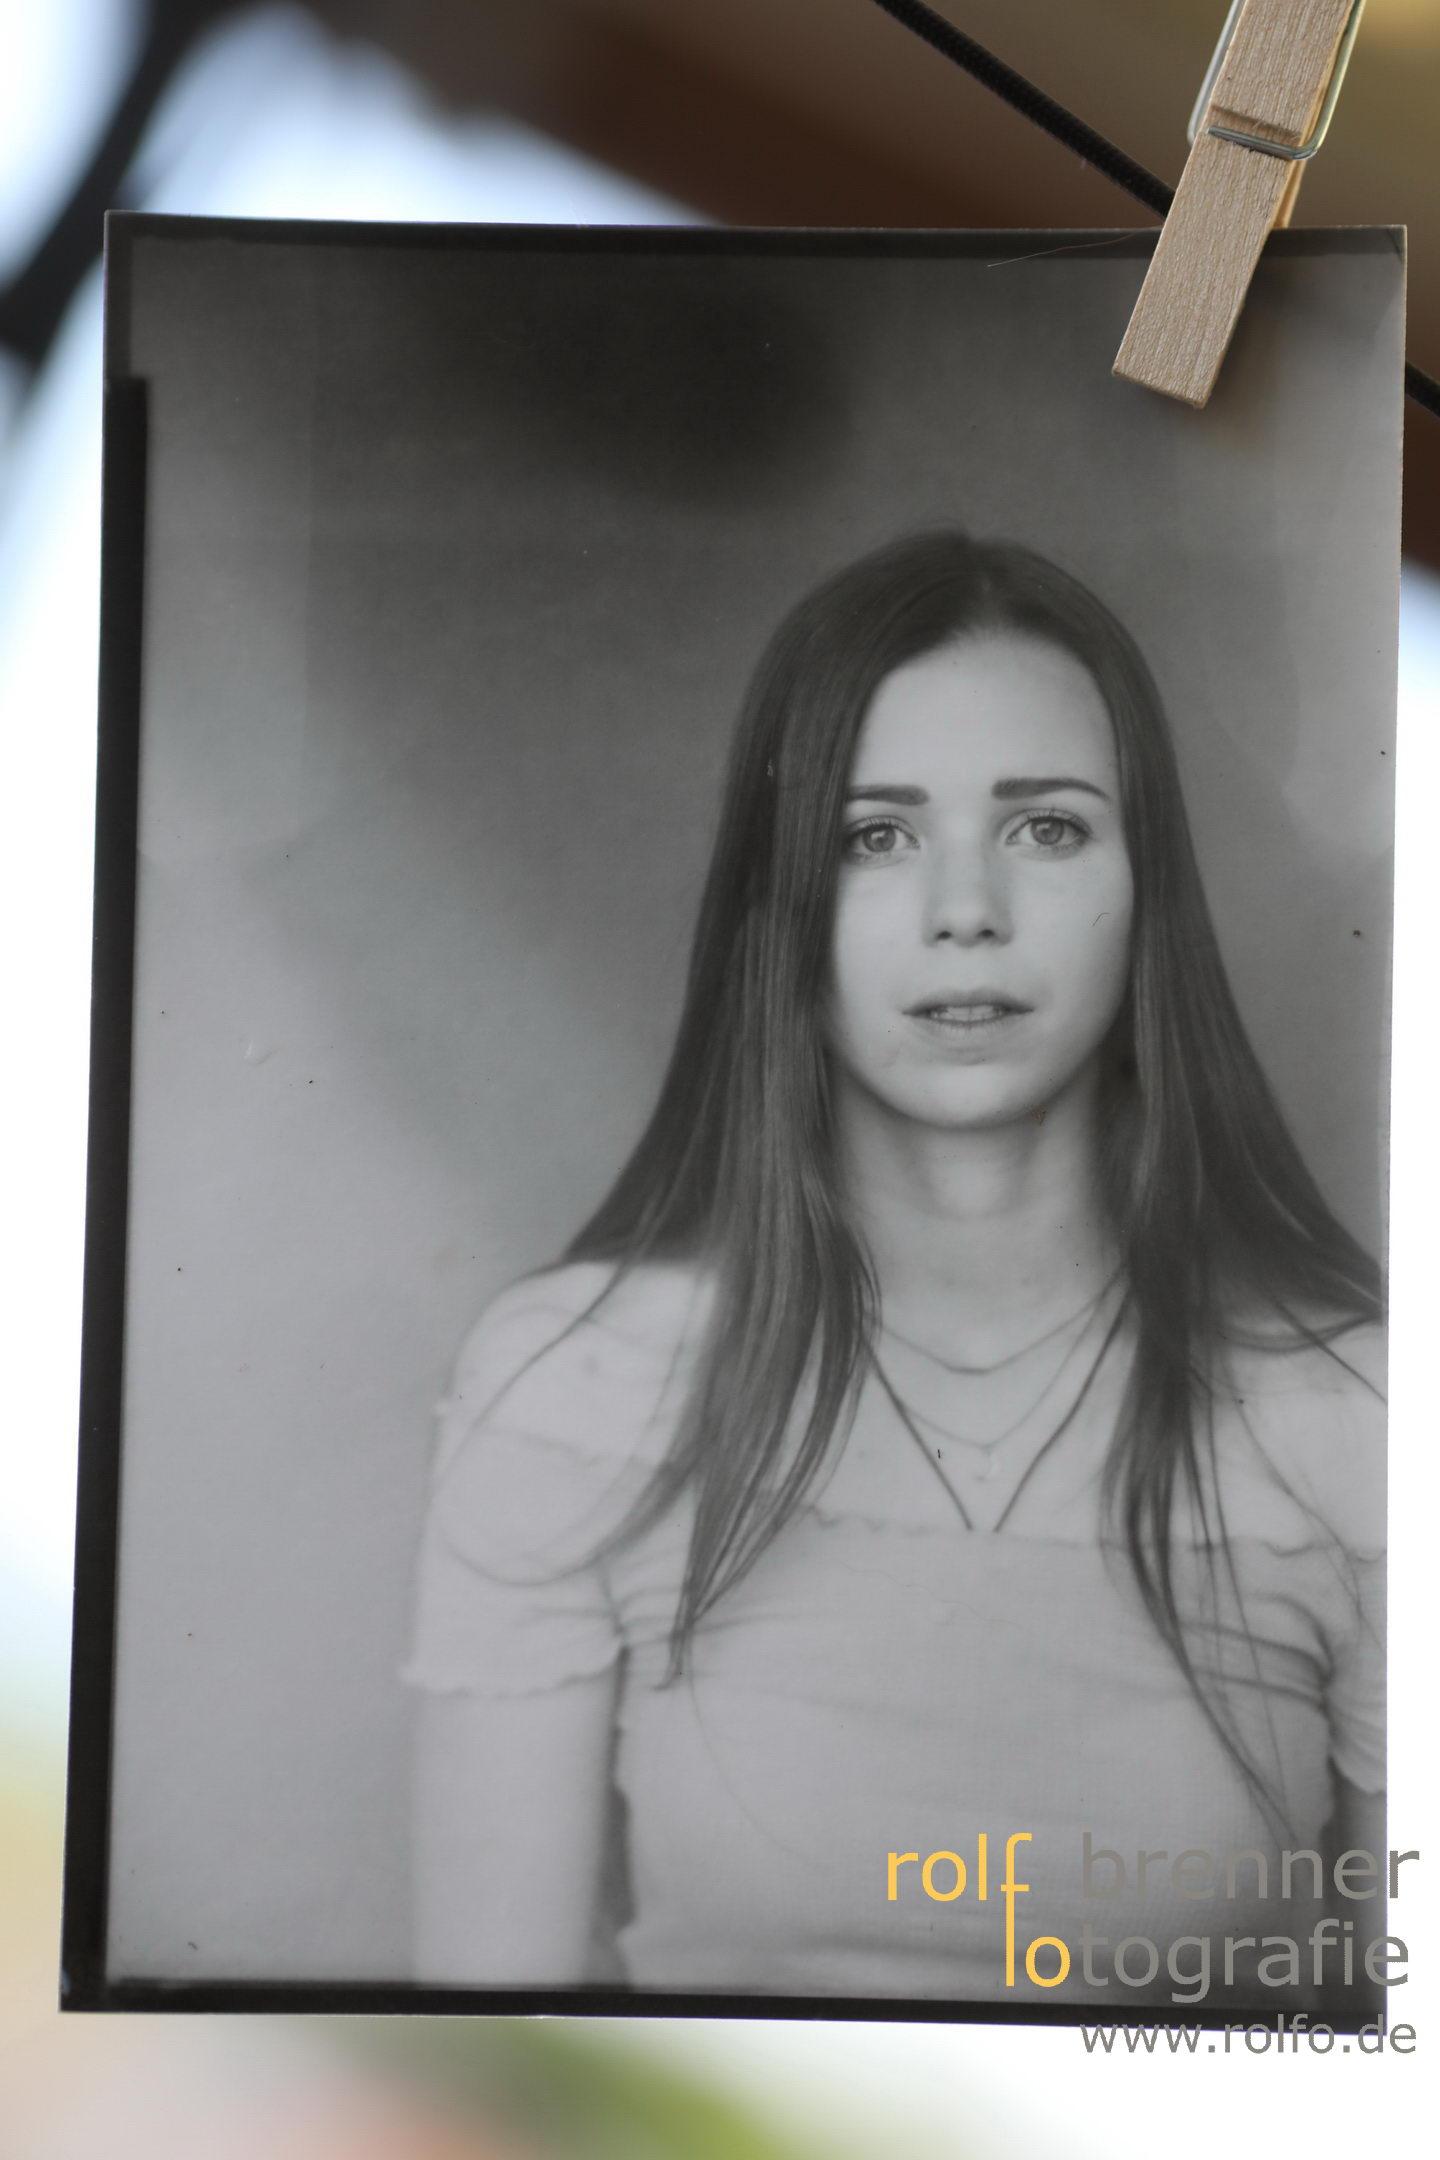 Ergebnis Beispiele für den Fotokurs Portraitfotografie